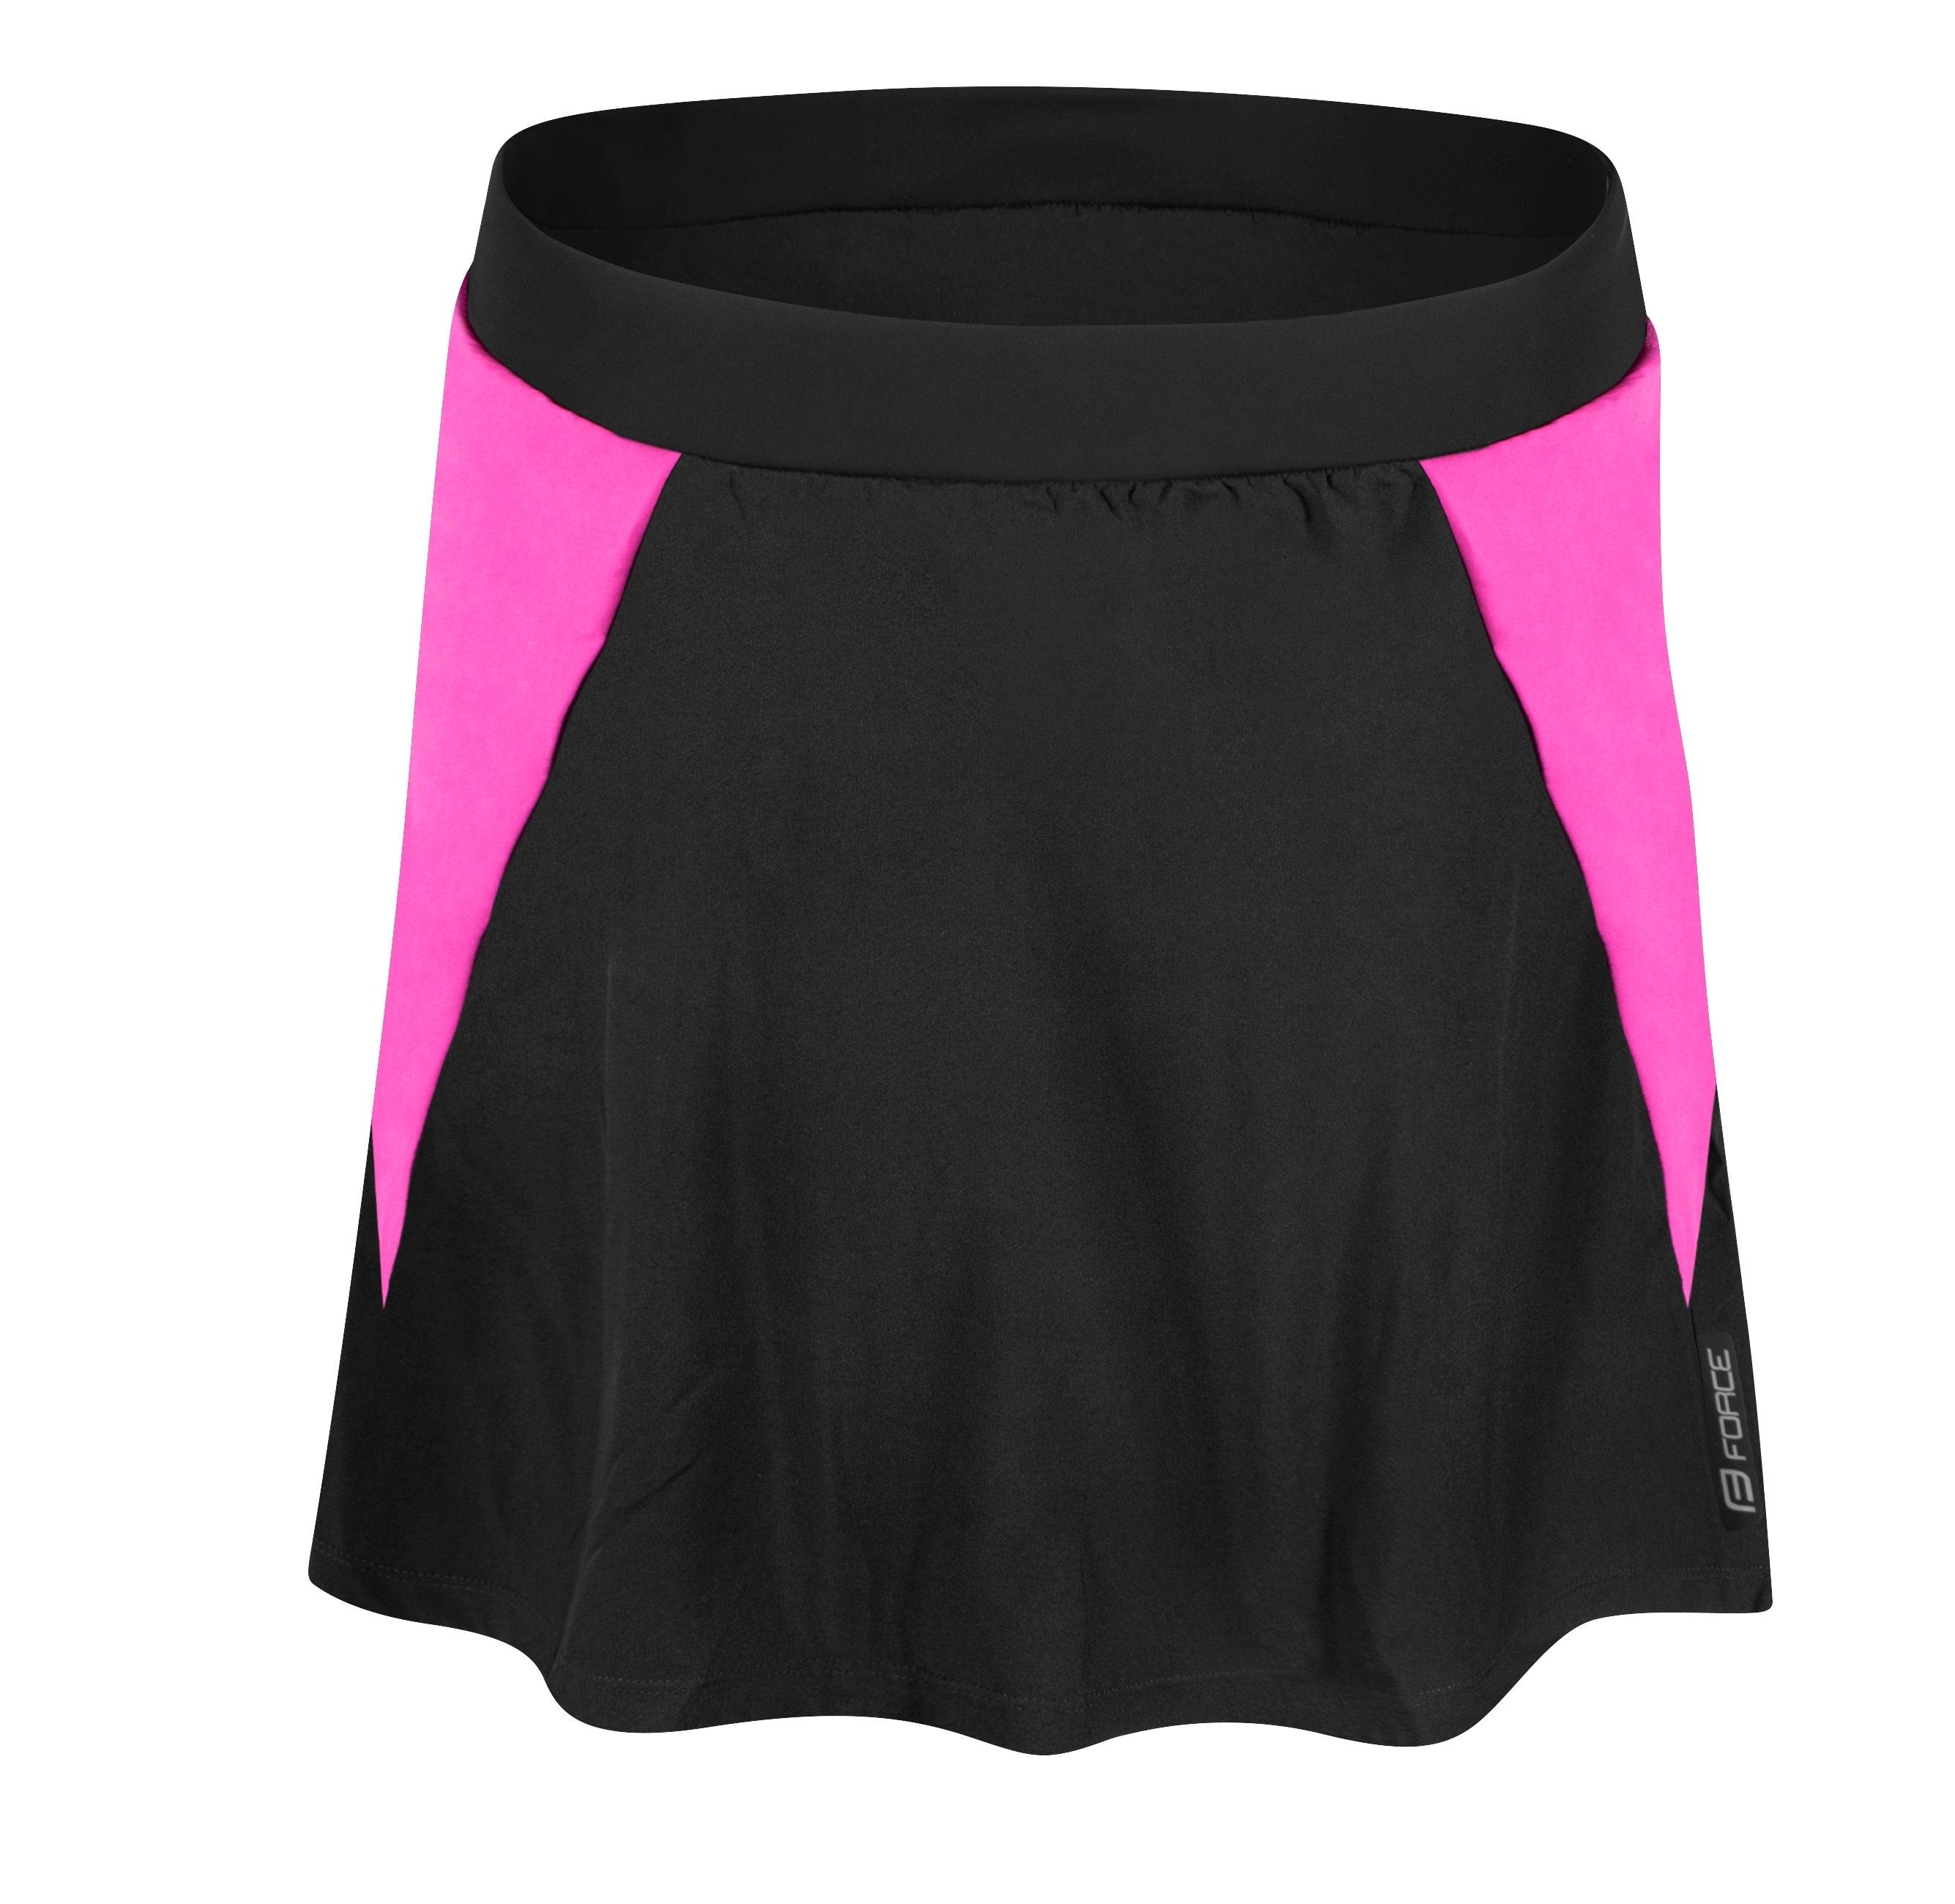 sukně FORCE DAISY s vložkou, černo-růžová L